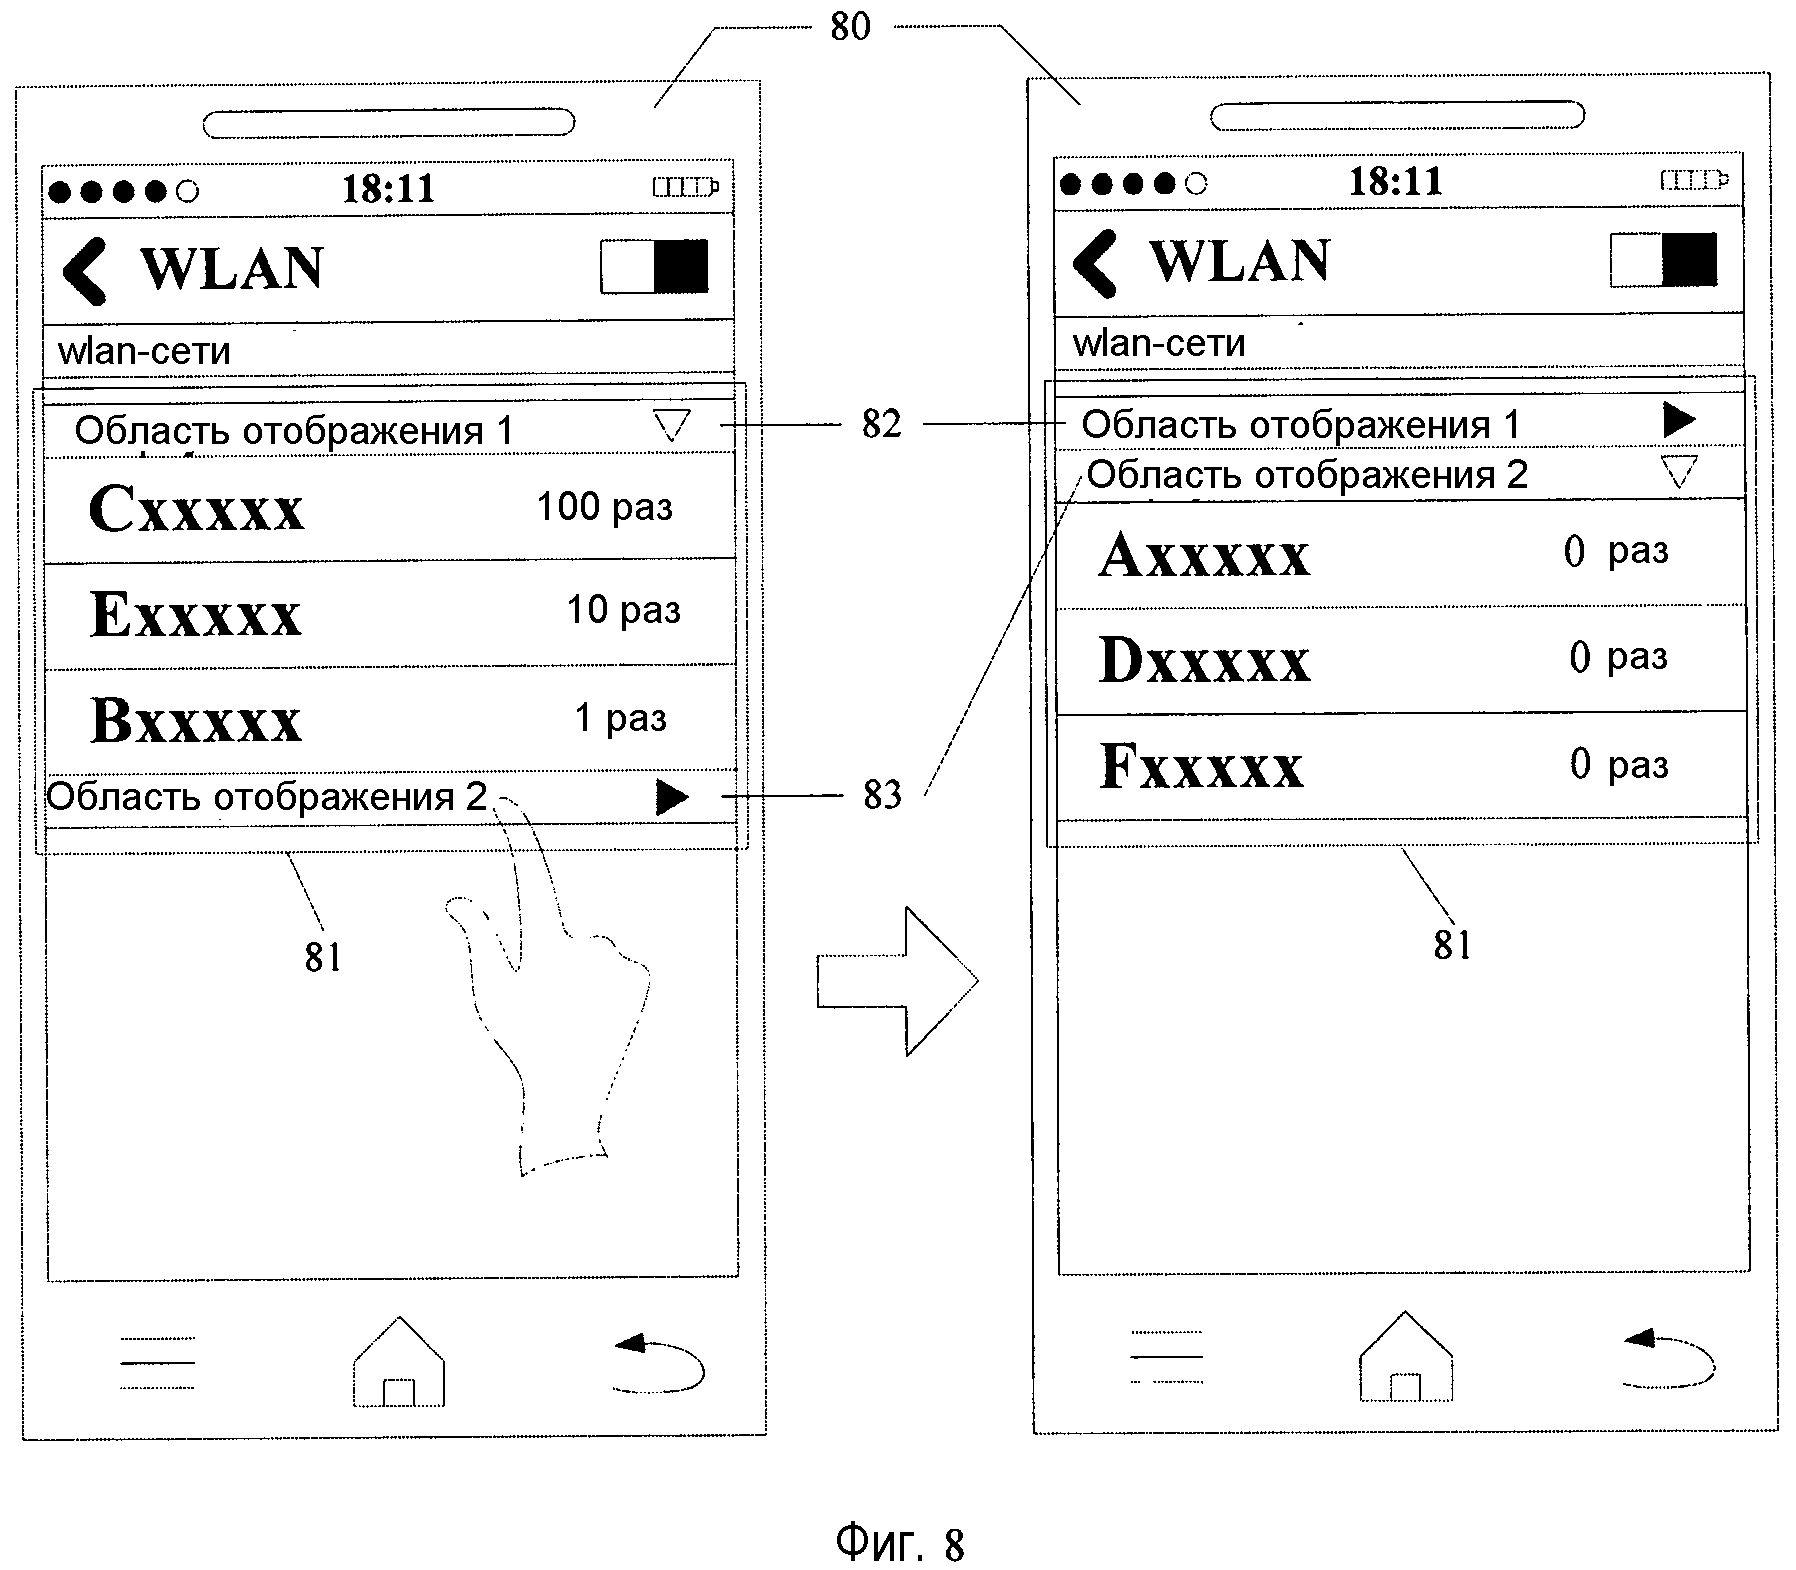 Способ и устройство для представления списка точек доступа